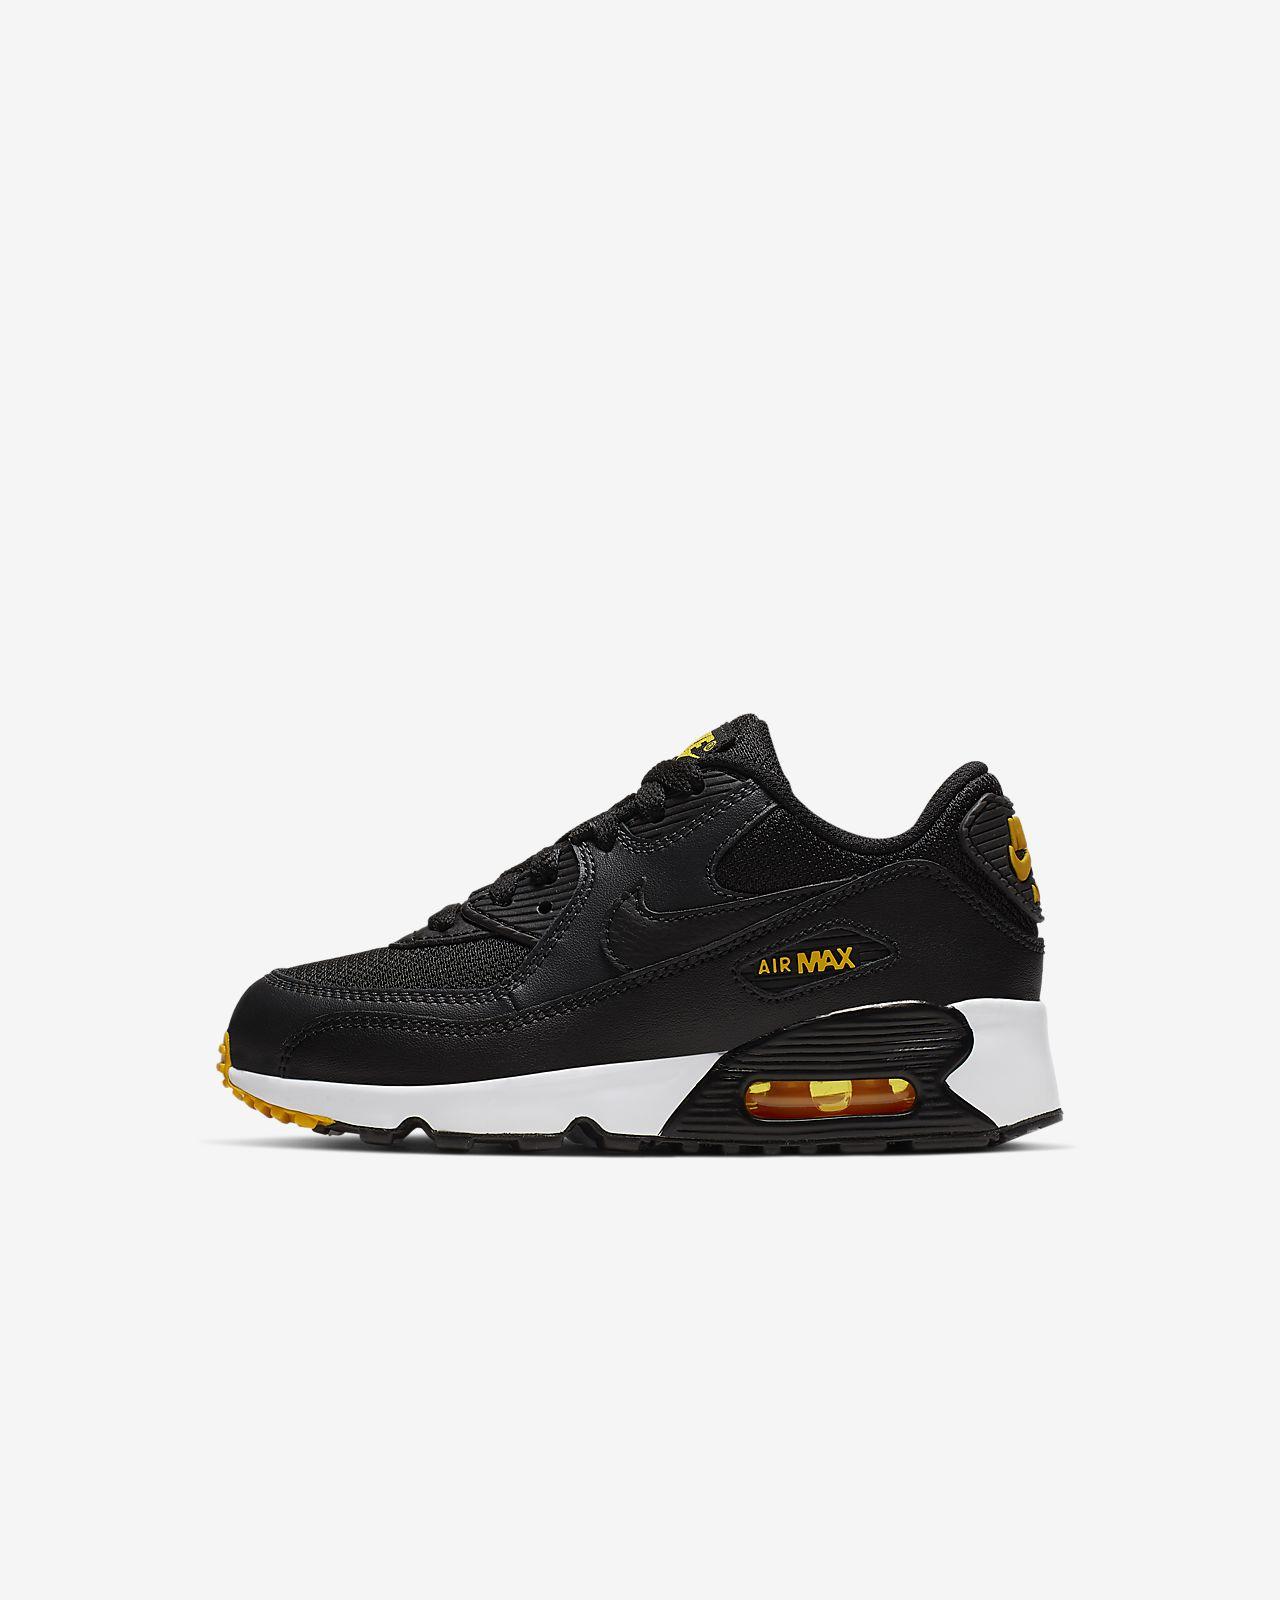 premium selection 61f9b 5f1d1 ... Chaussure Nike Air Max 90 Mesh pour Jeune enfant (27,5-35)